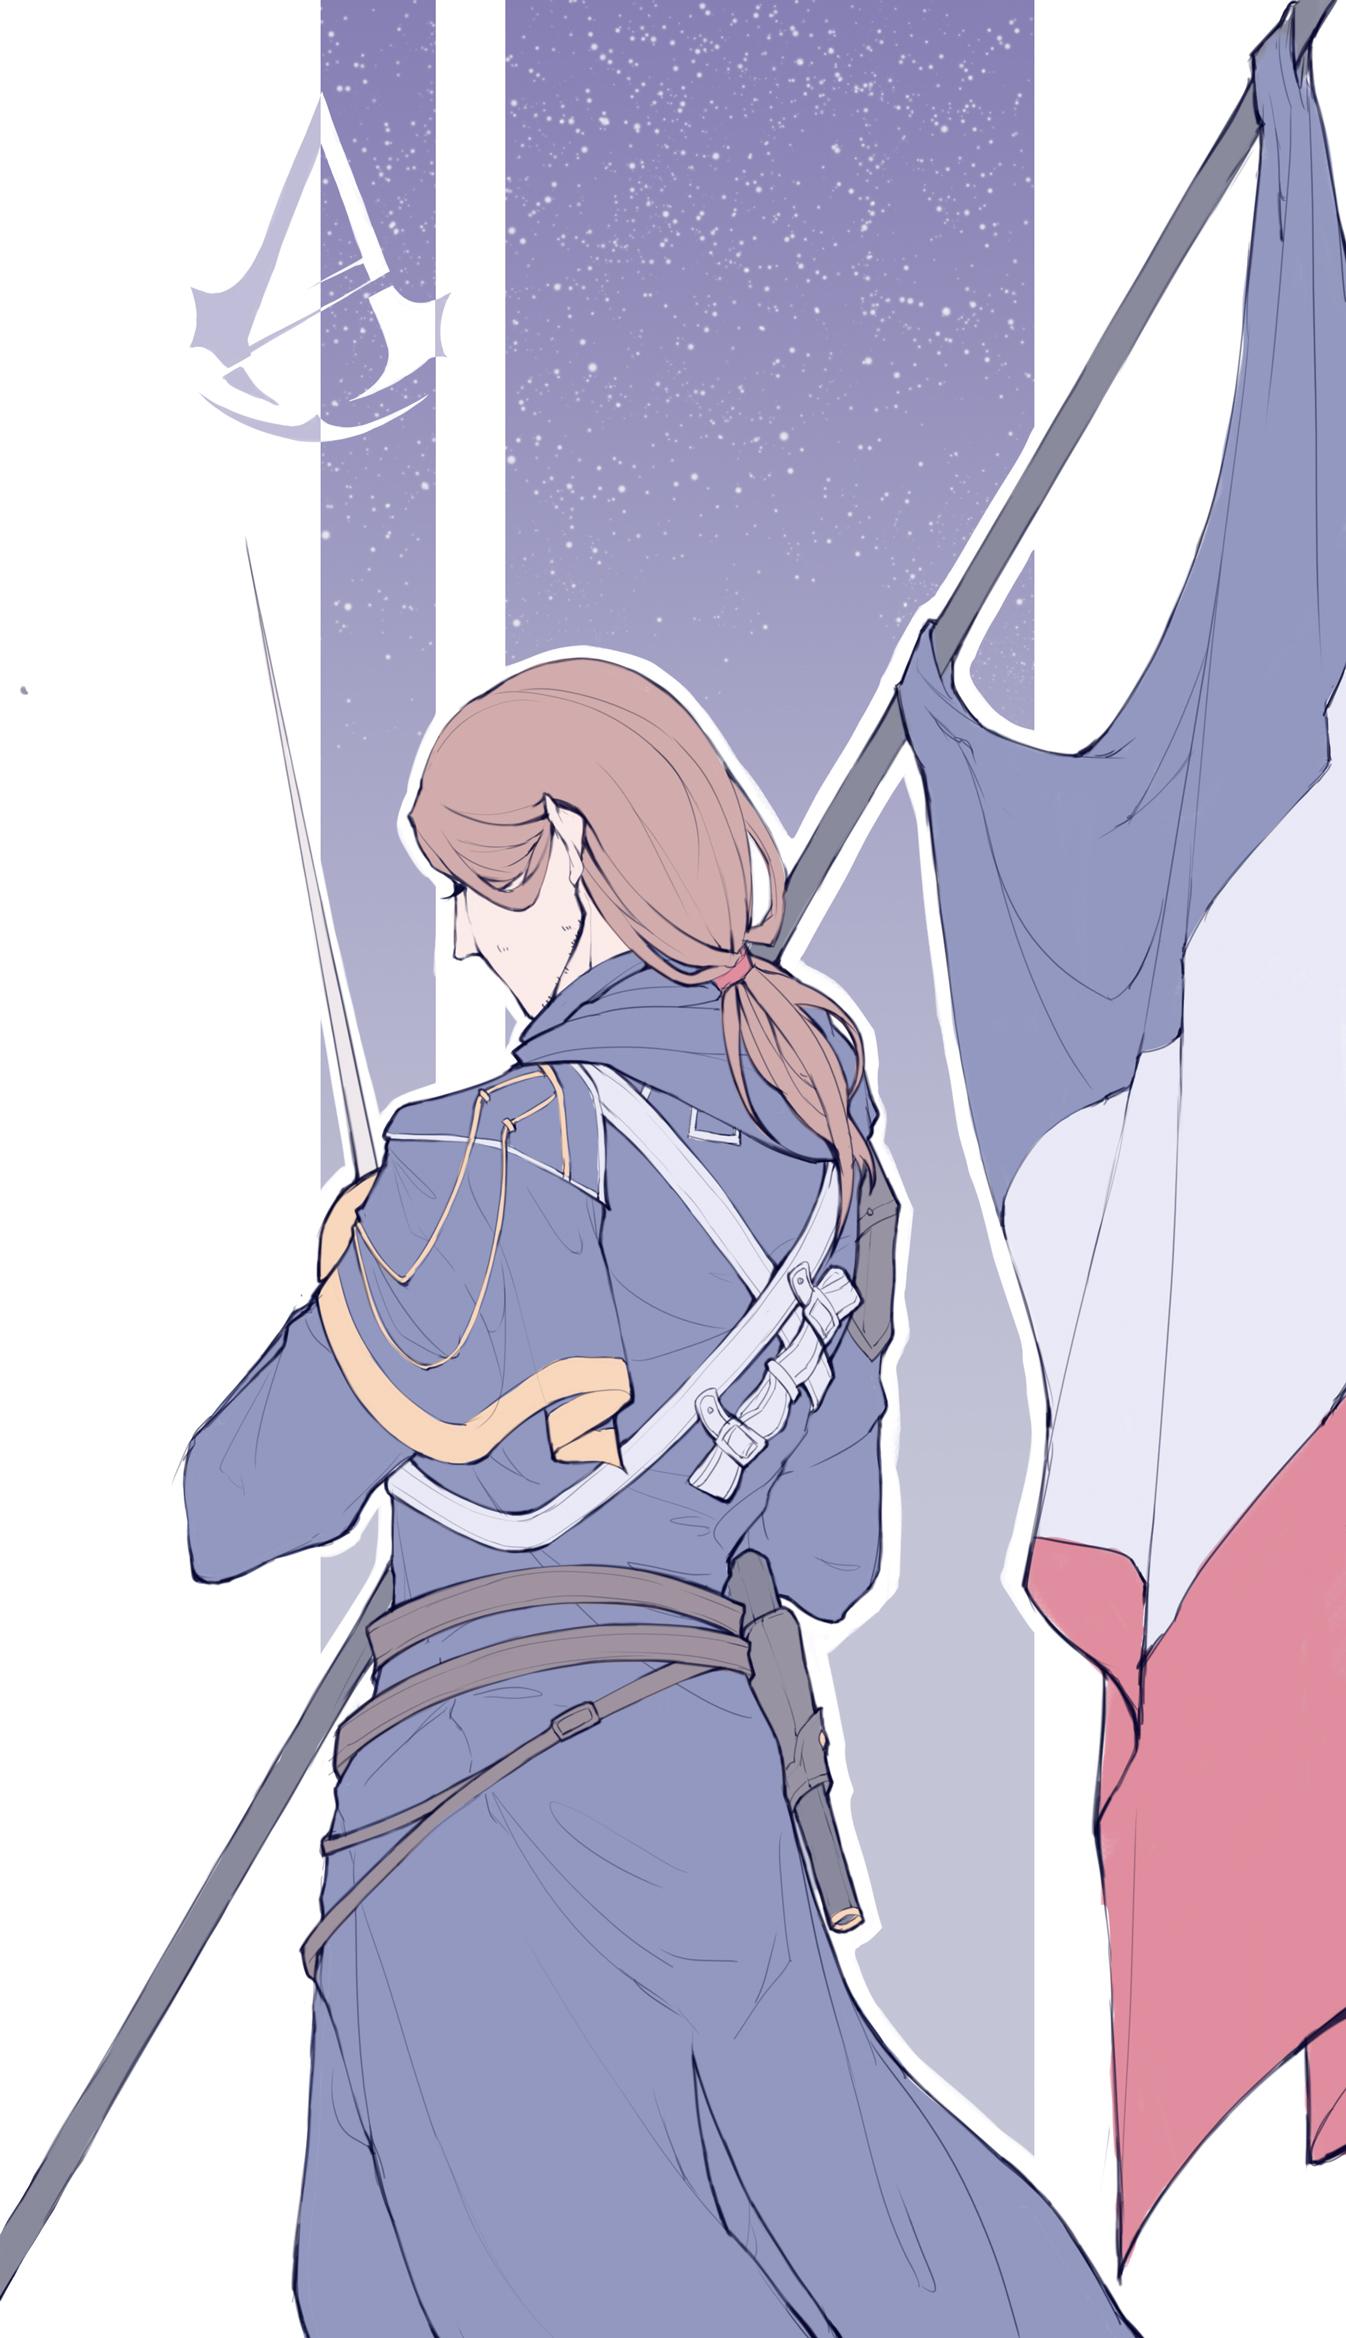 Arno Dorian Assassin S Creed Unity Image 2176426 Zerochan